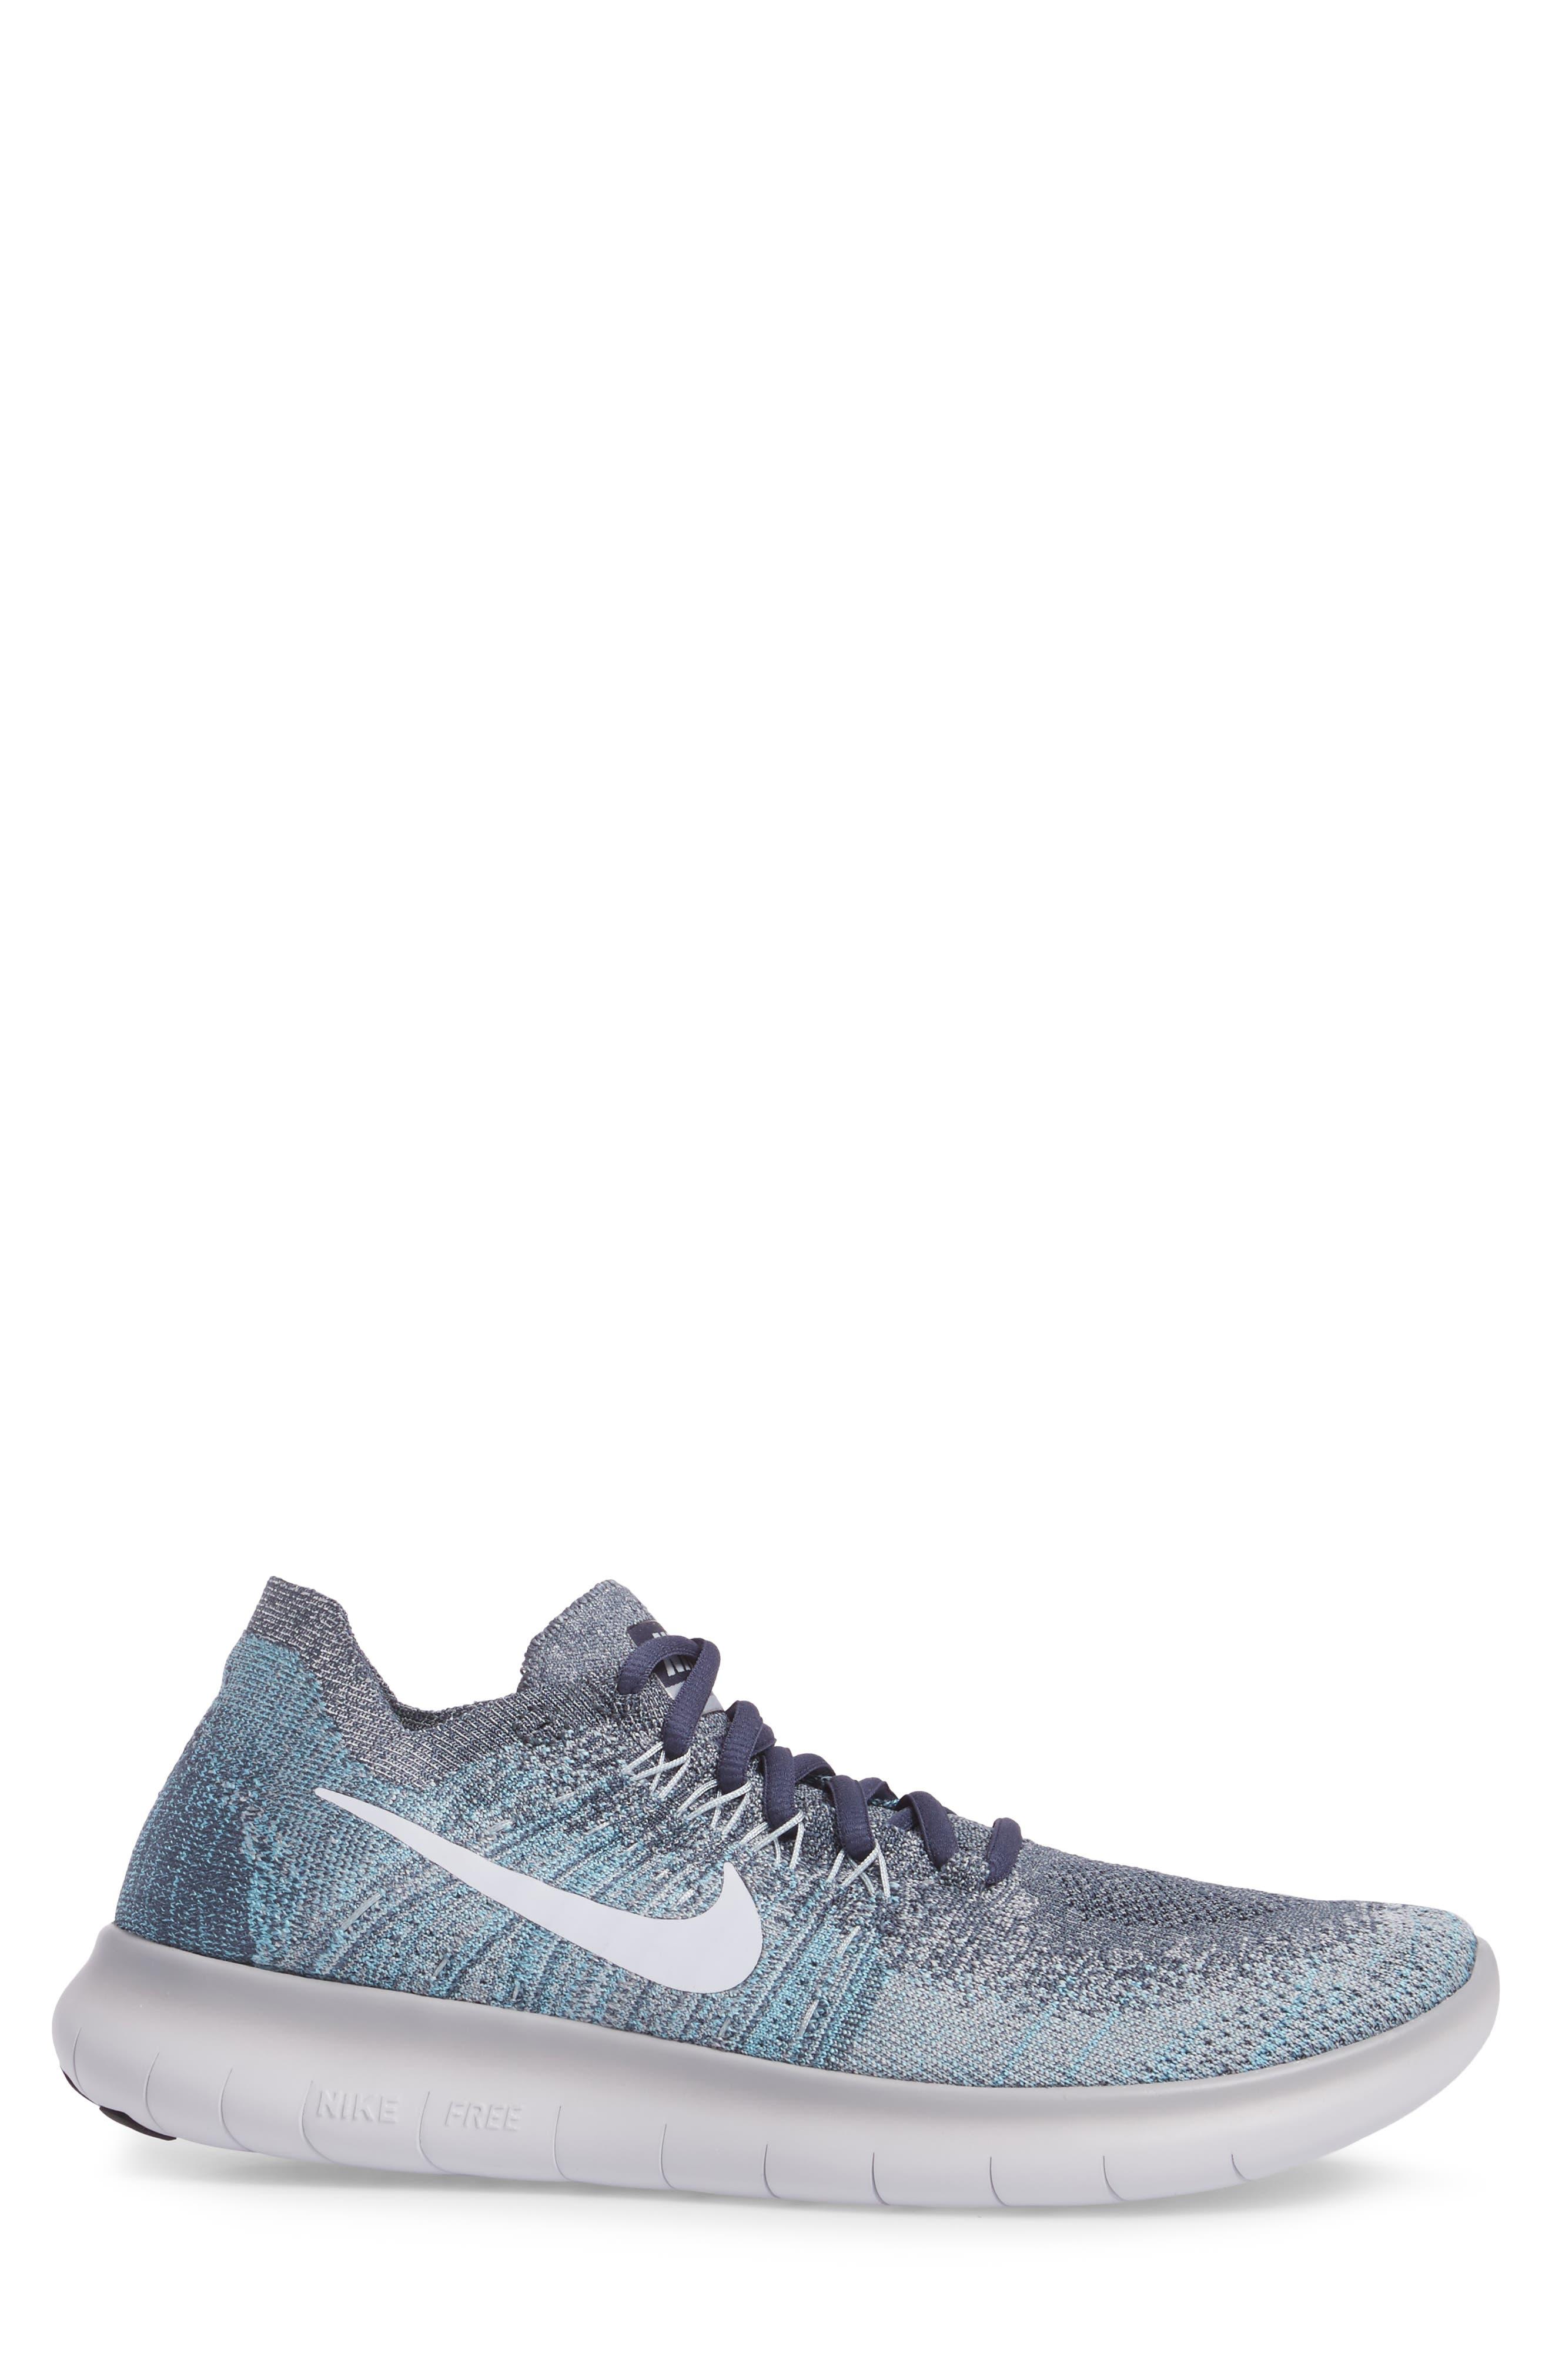 Alternate Image 3  - Nike Free Run Flyknit 2017 Running Shoe (Men)